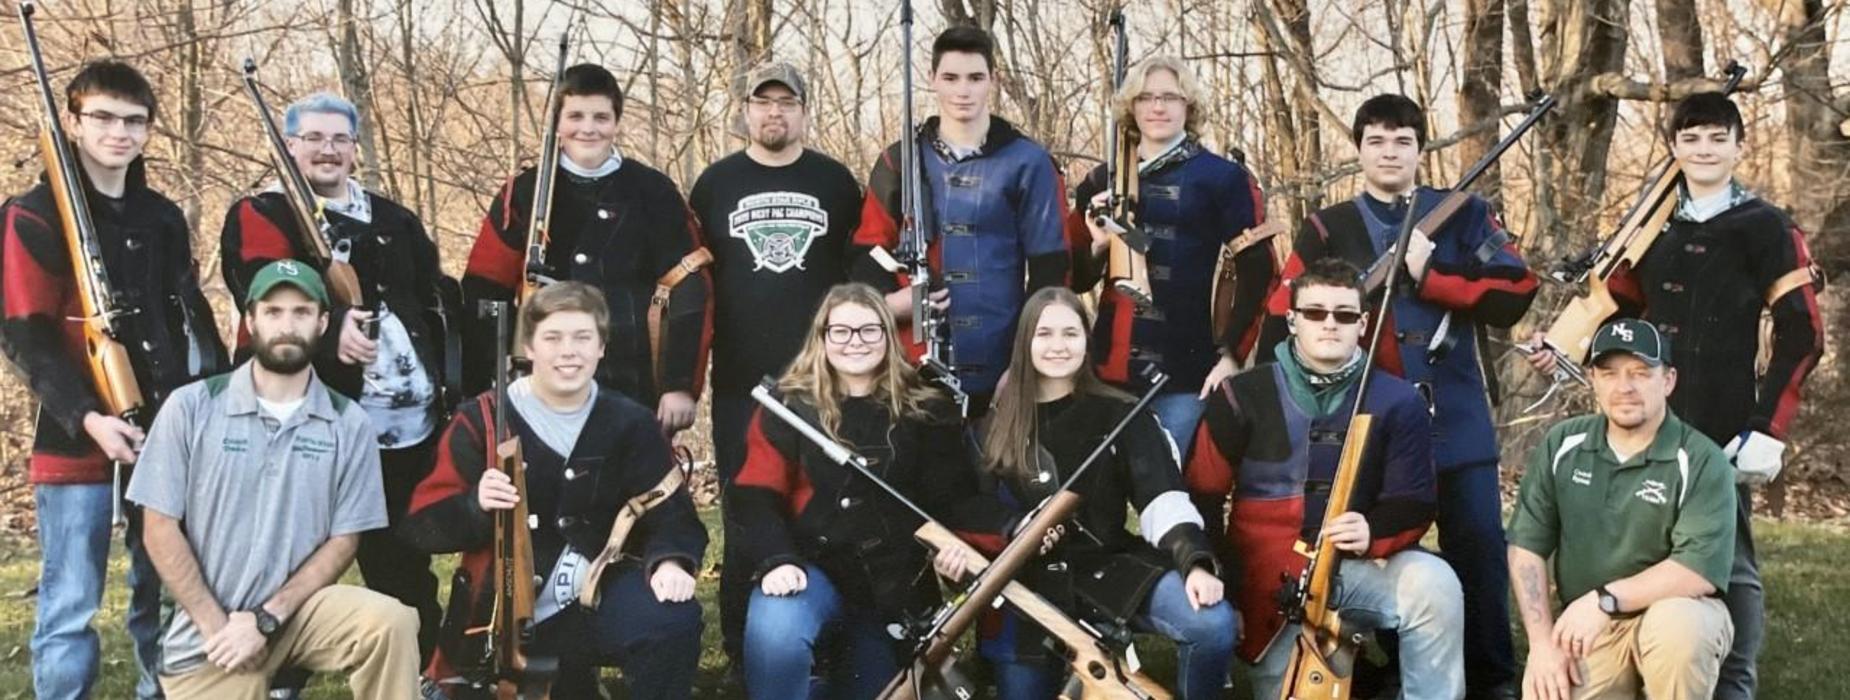 2020-2021 Rifle Team